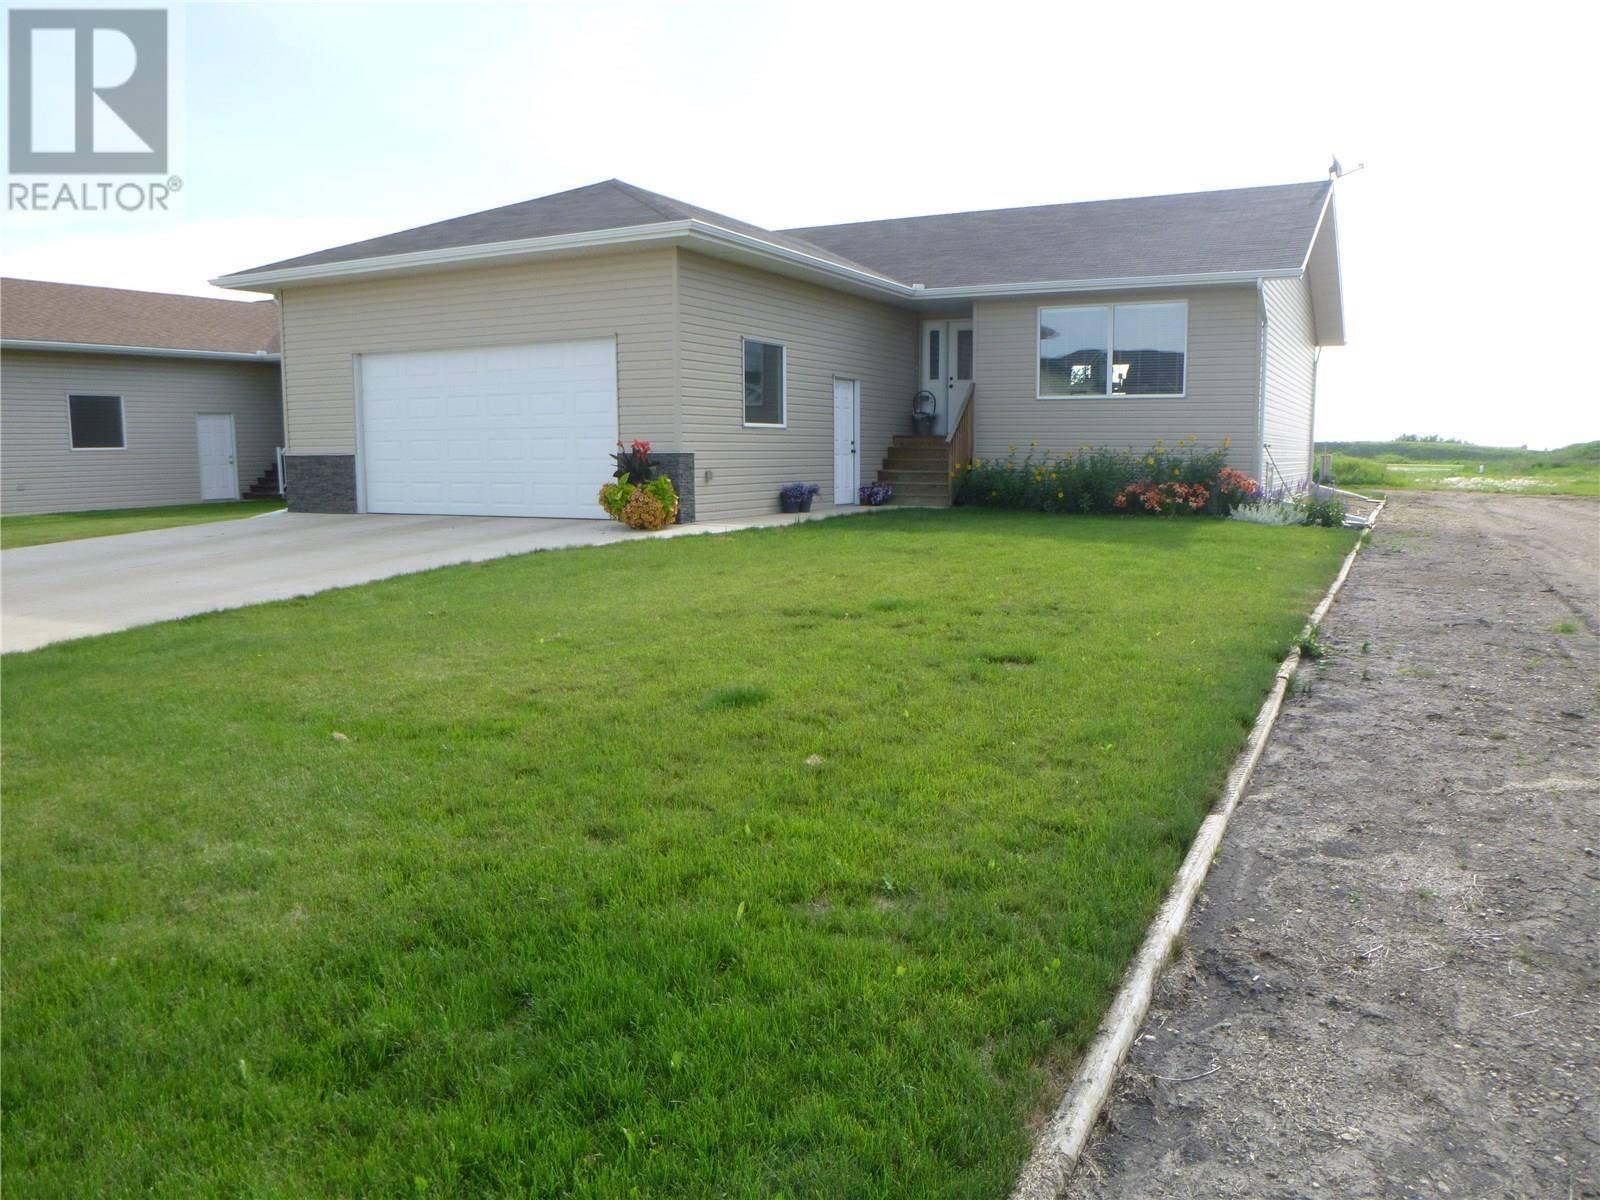 House for sale at 2302 Newmarket Dr N Tisdale Saskatchewan - MLS: SK781754